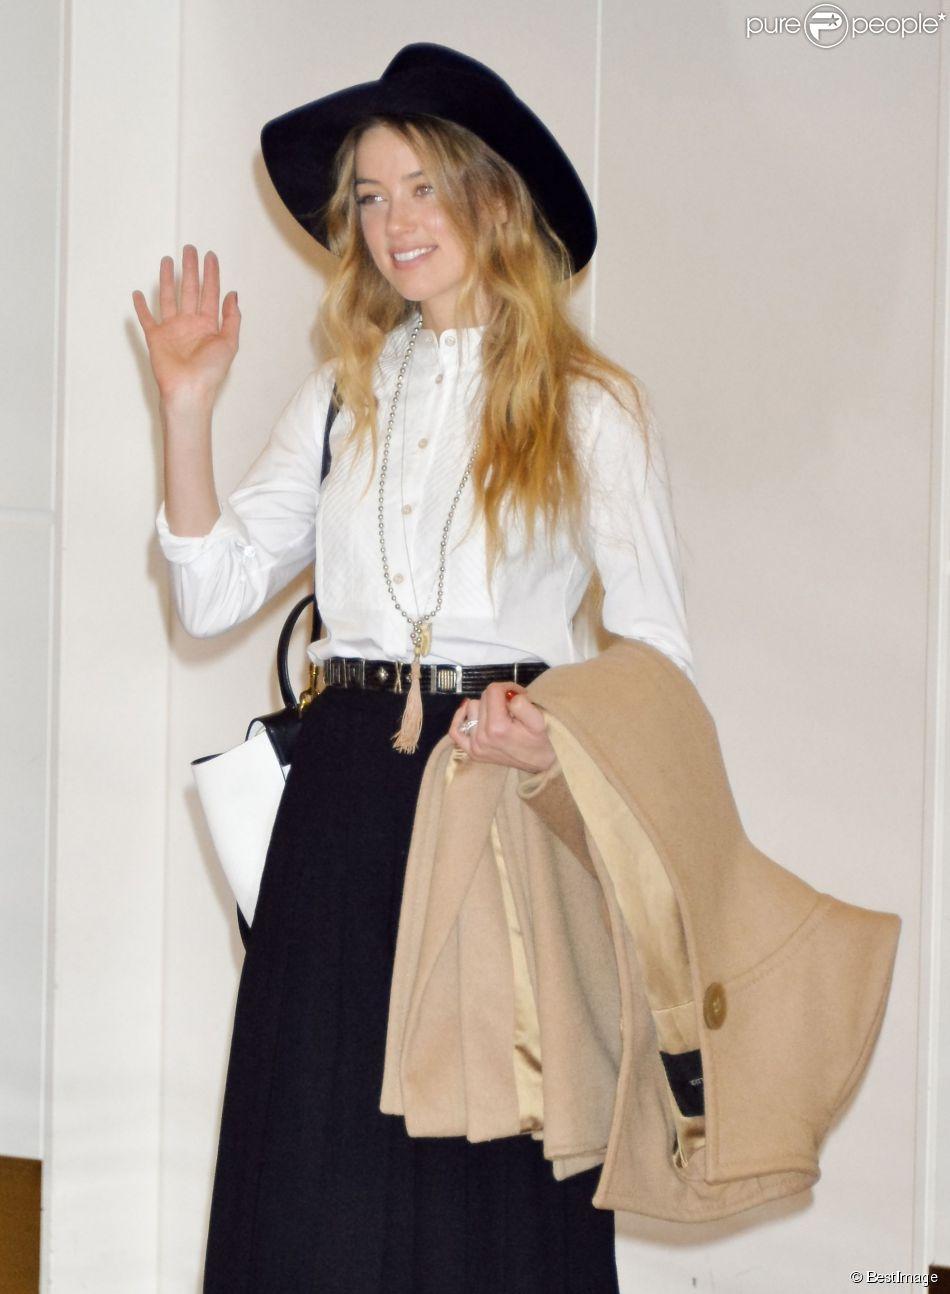 Amber Heard, blog o modzie, blog moda, najlepsze stylizacje Amber Heard, Amber Heard style, Amber Heard outfits, Amber Heard and Johnny Depp, Amber Heard airport,